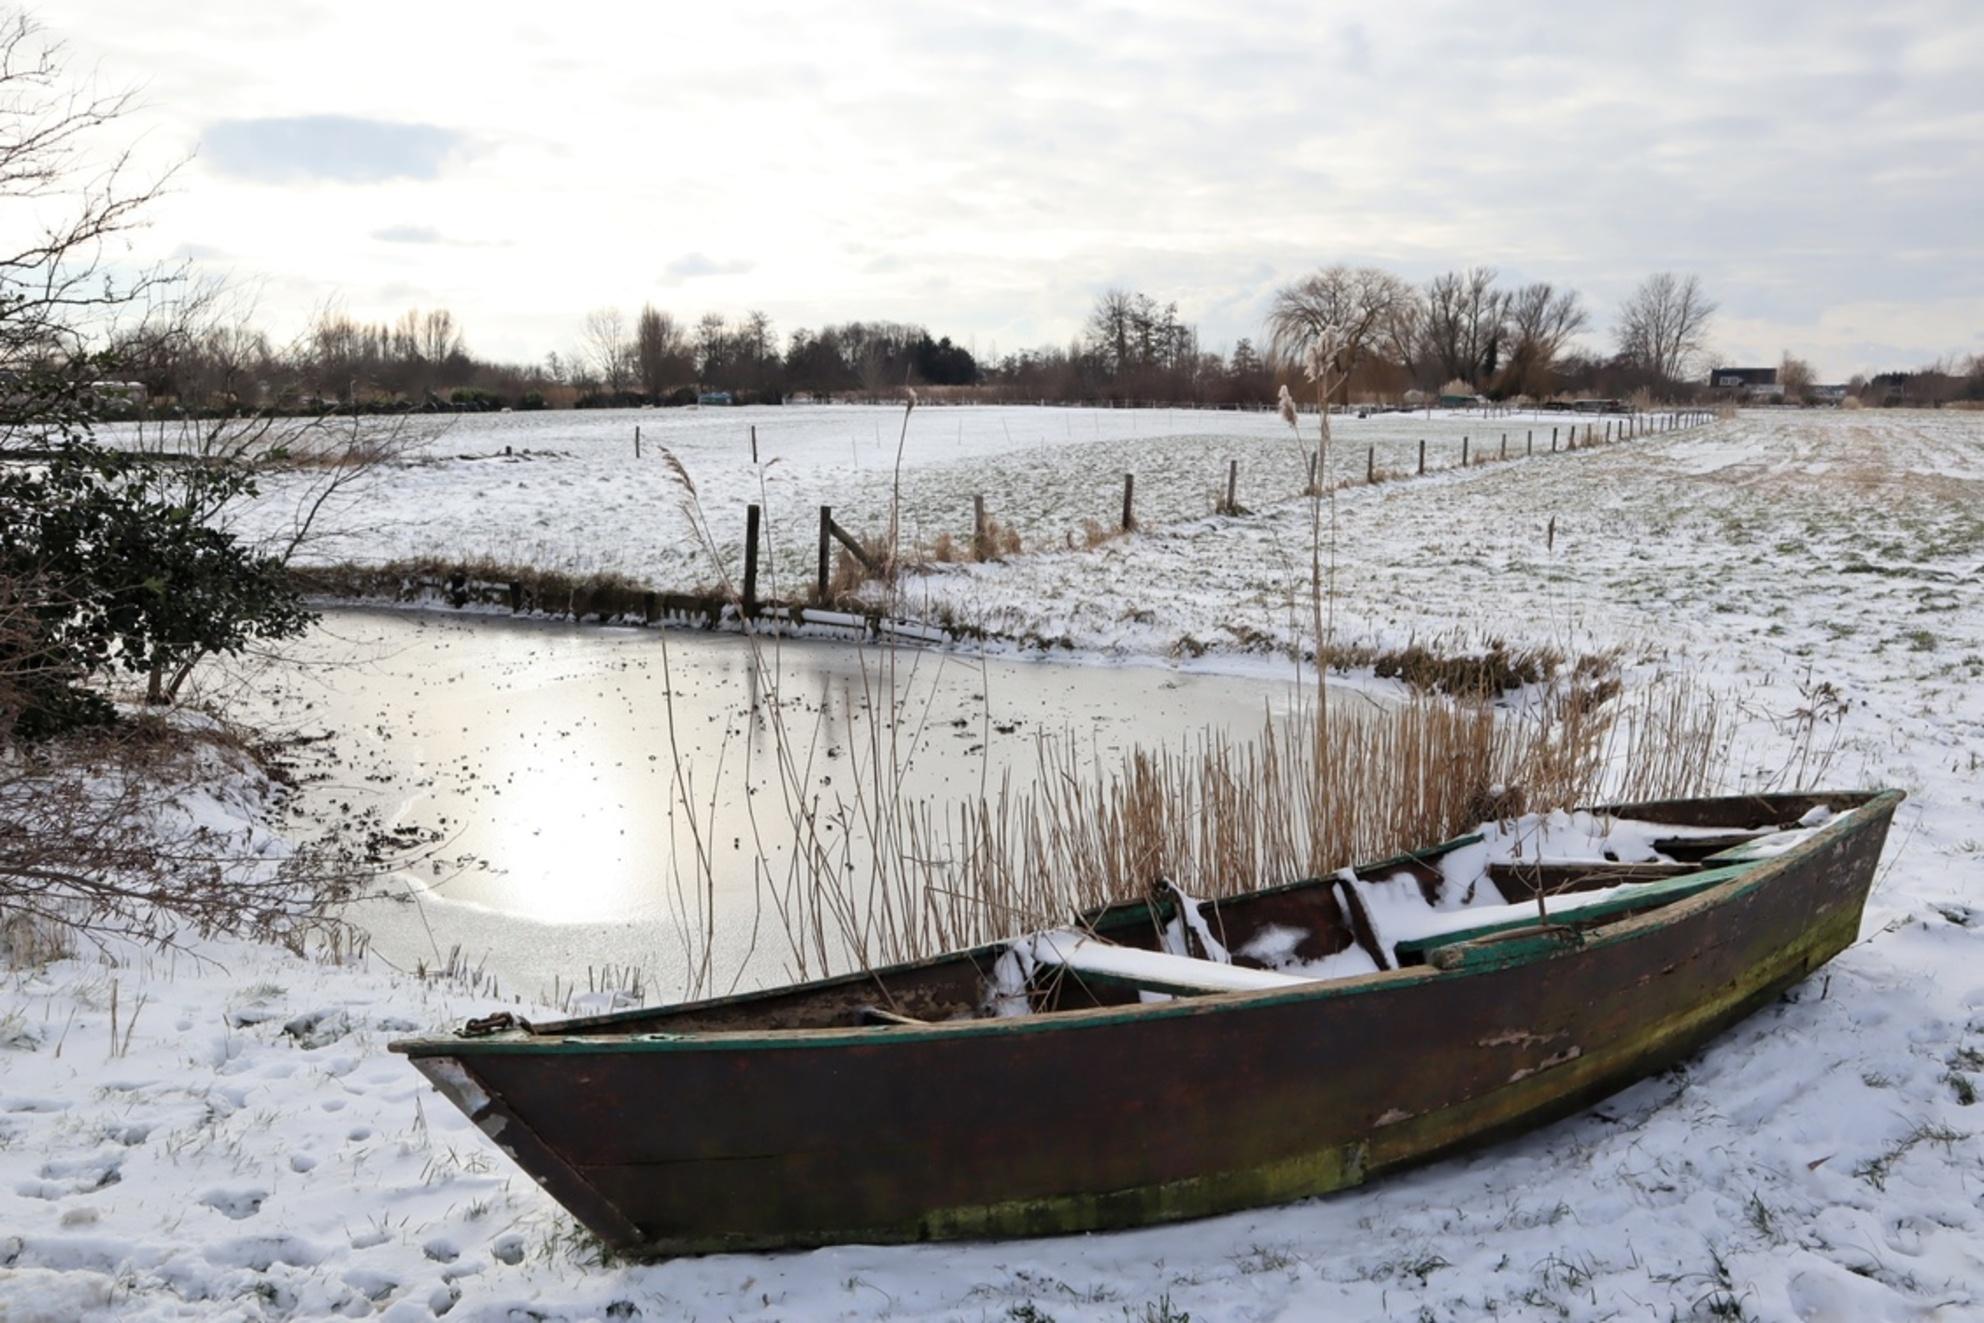 Winters tafereel - - - foto door DeniseClemens op 08-03-2021 - deze foto bevat: lucht, wolken, boom, natuur, sneeuw, winter, ijs, landschap, bos, tegenlicht, nederland - Deze foto mag gebruikt worden in een Zoom.nl publicatie